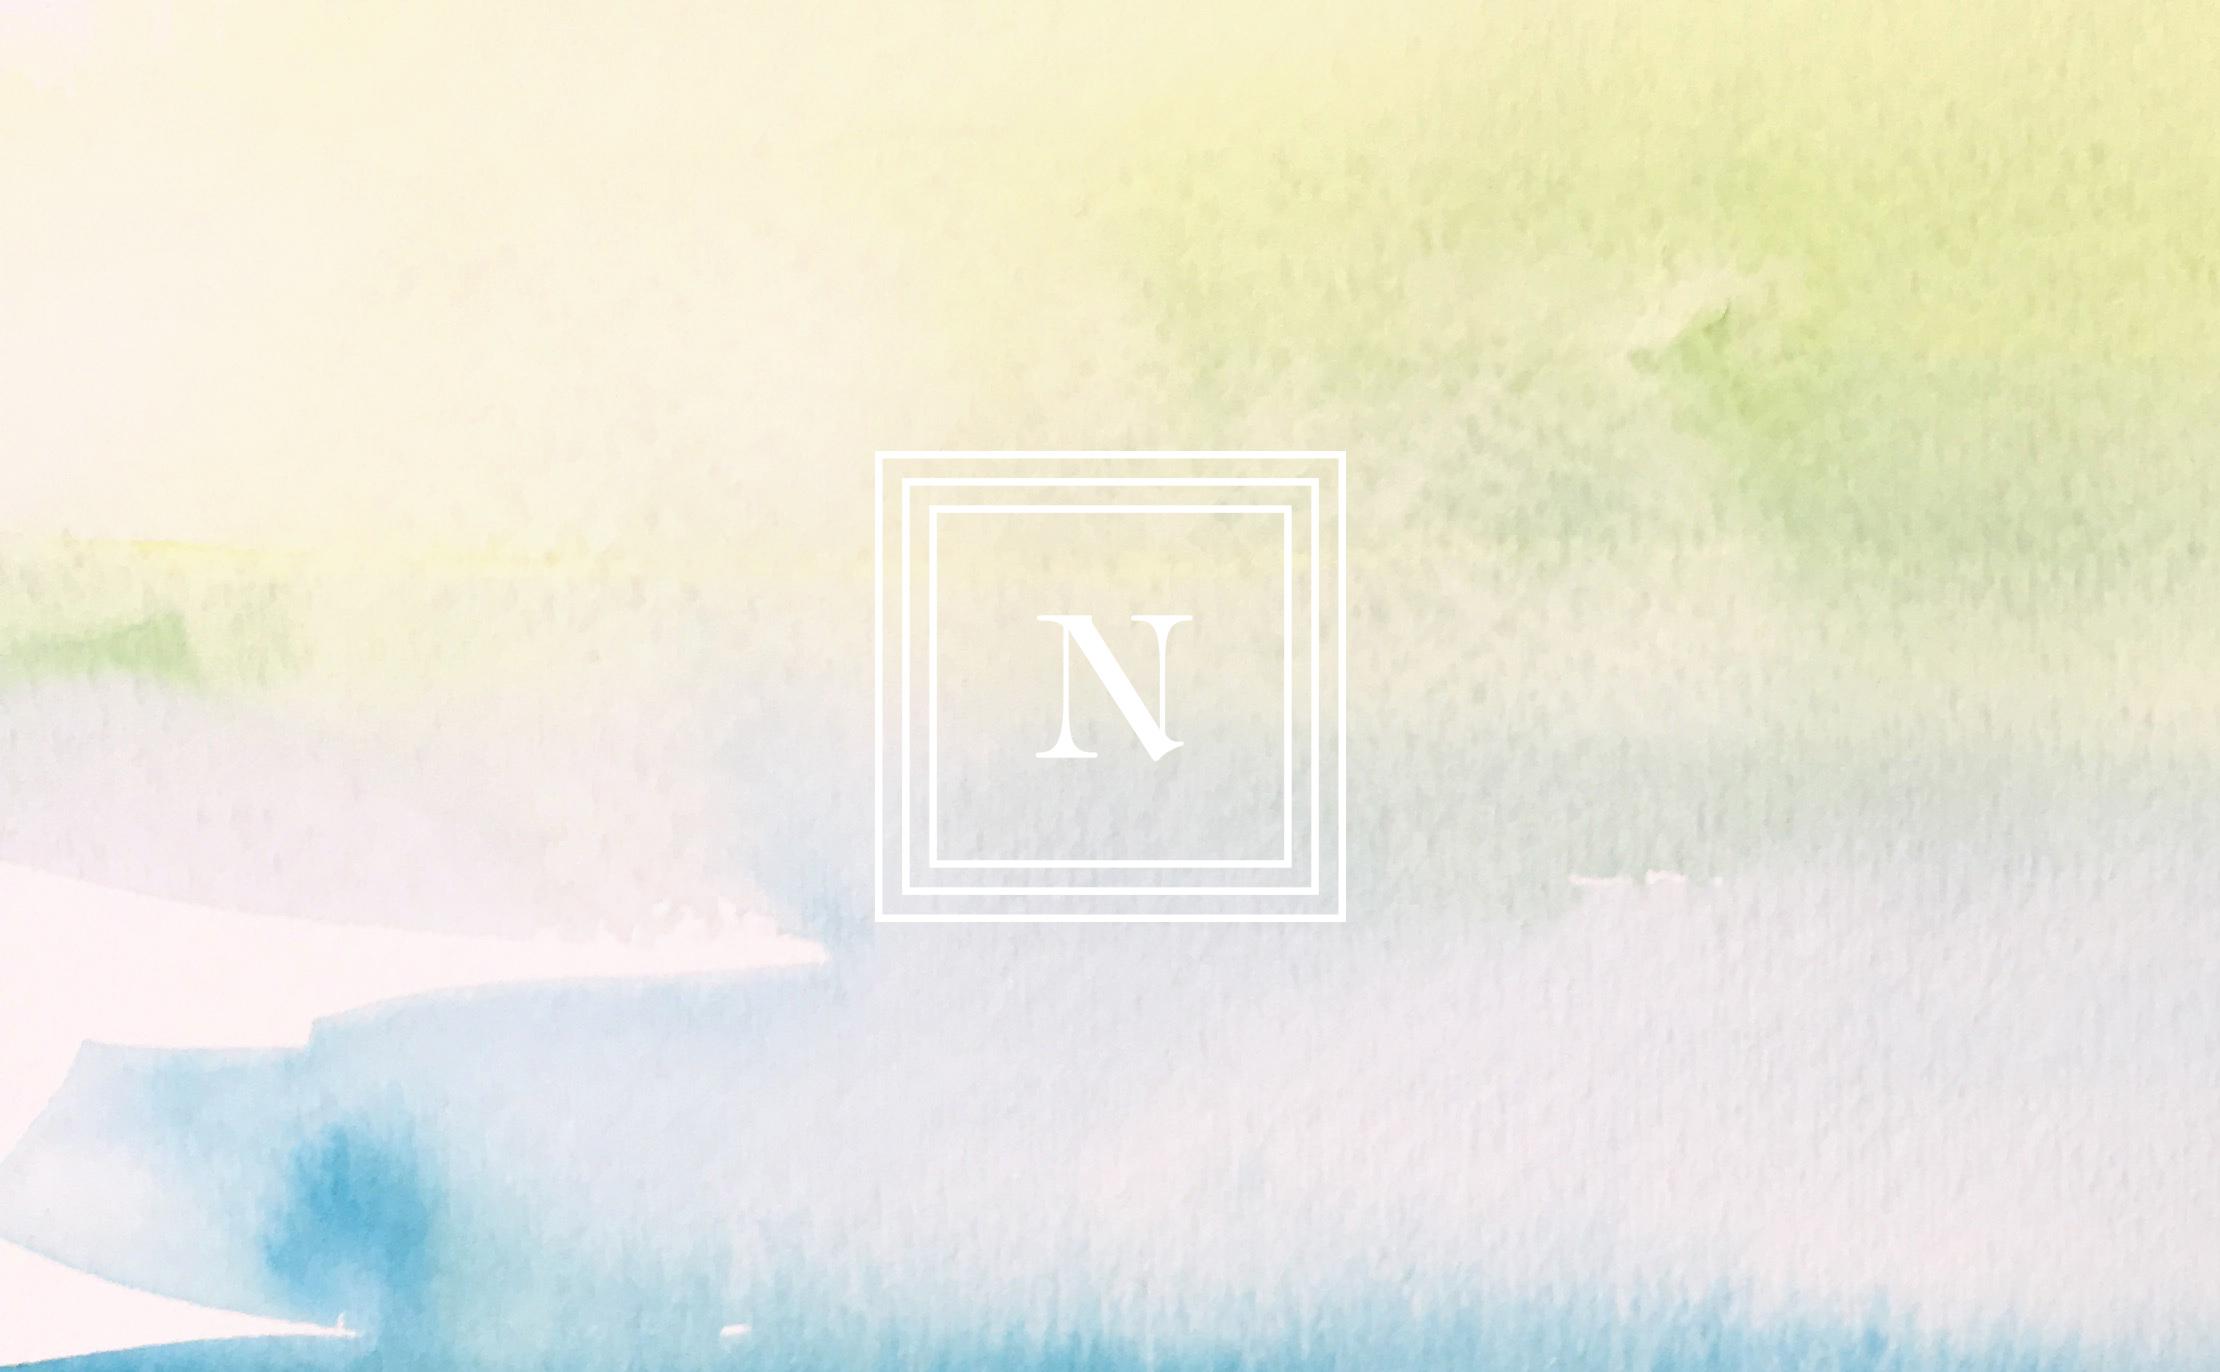 narissa_84.jpg